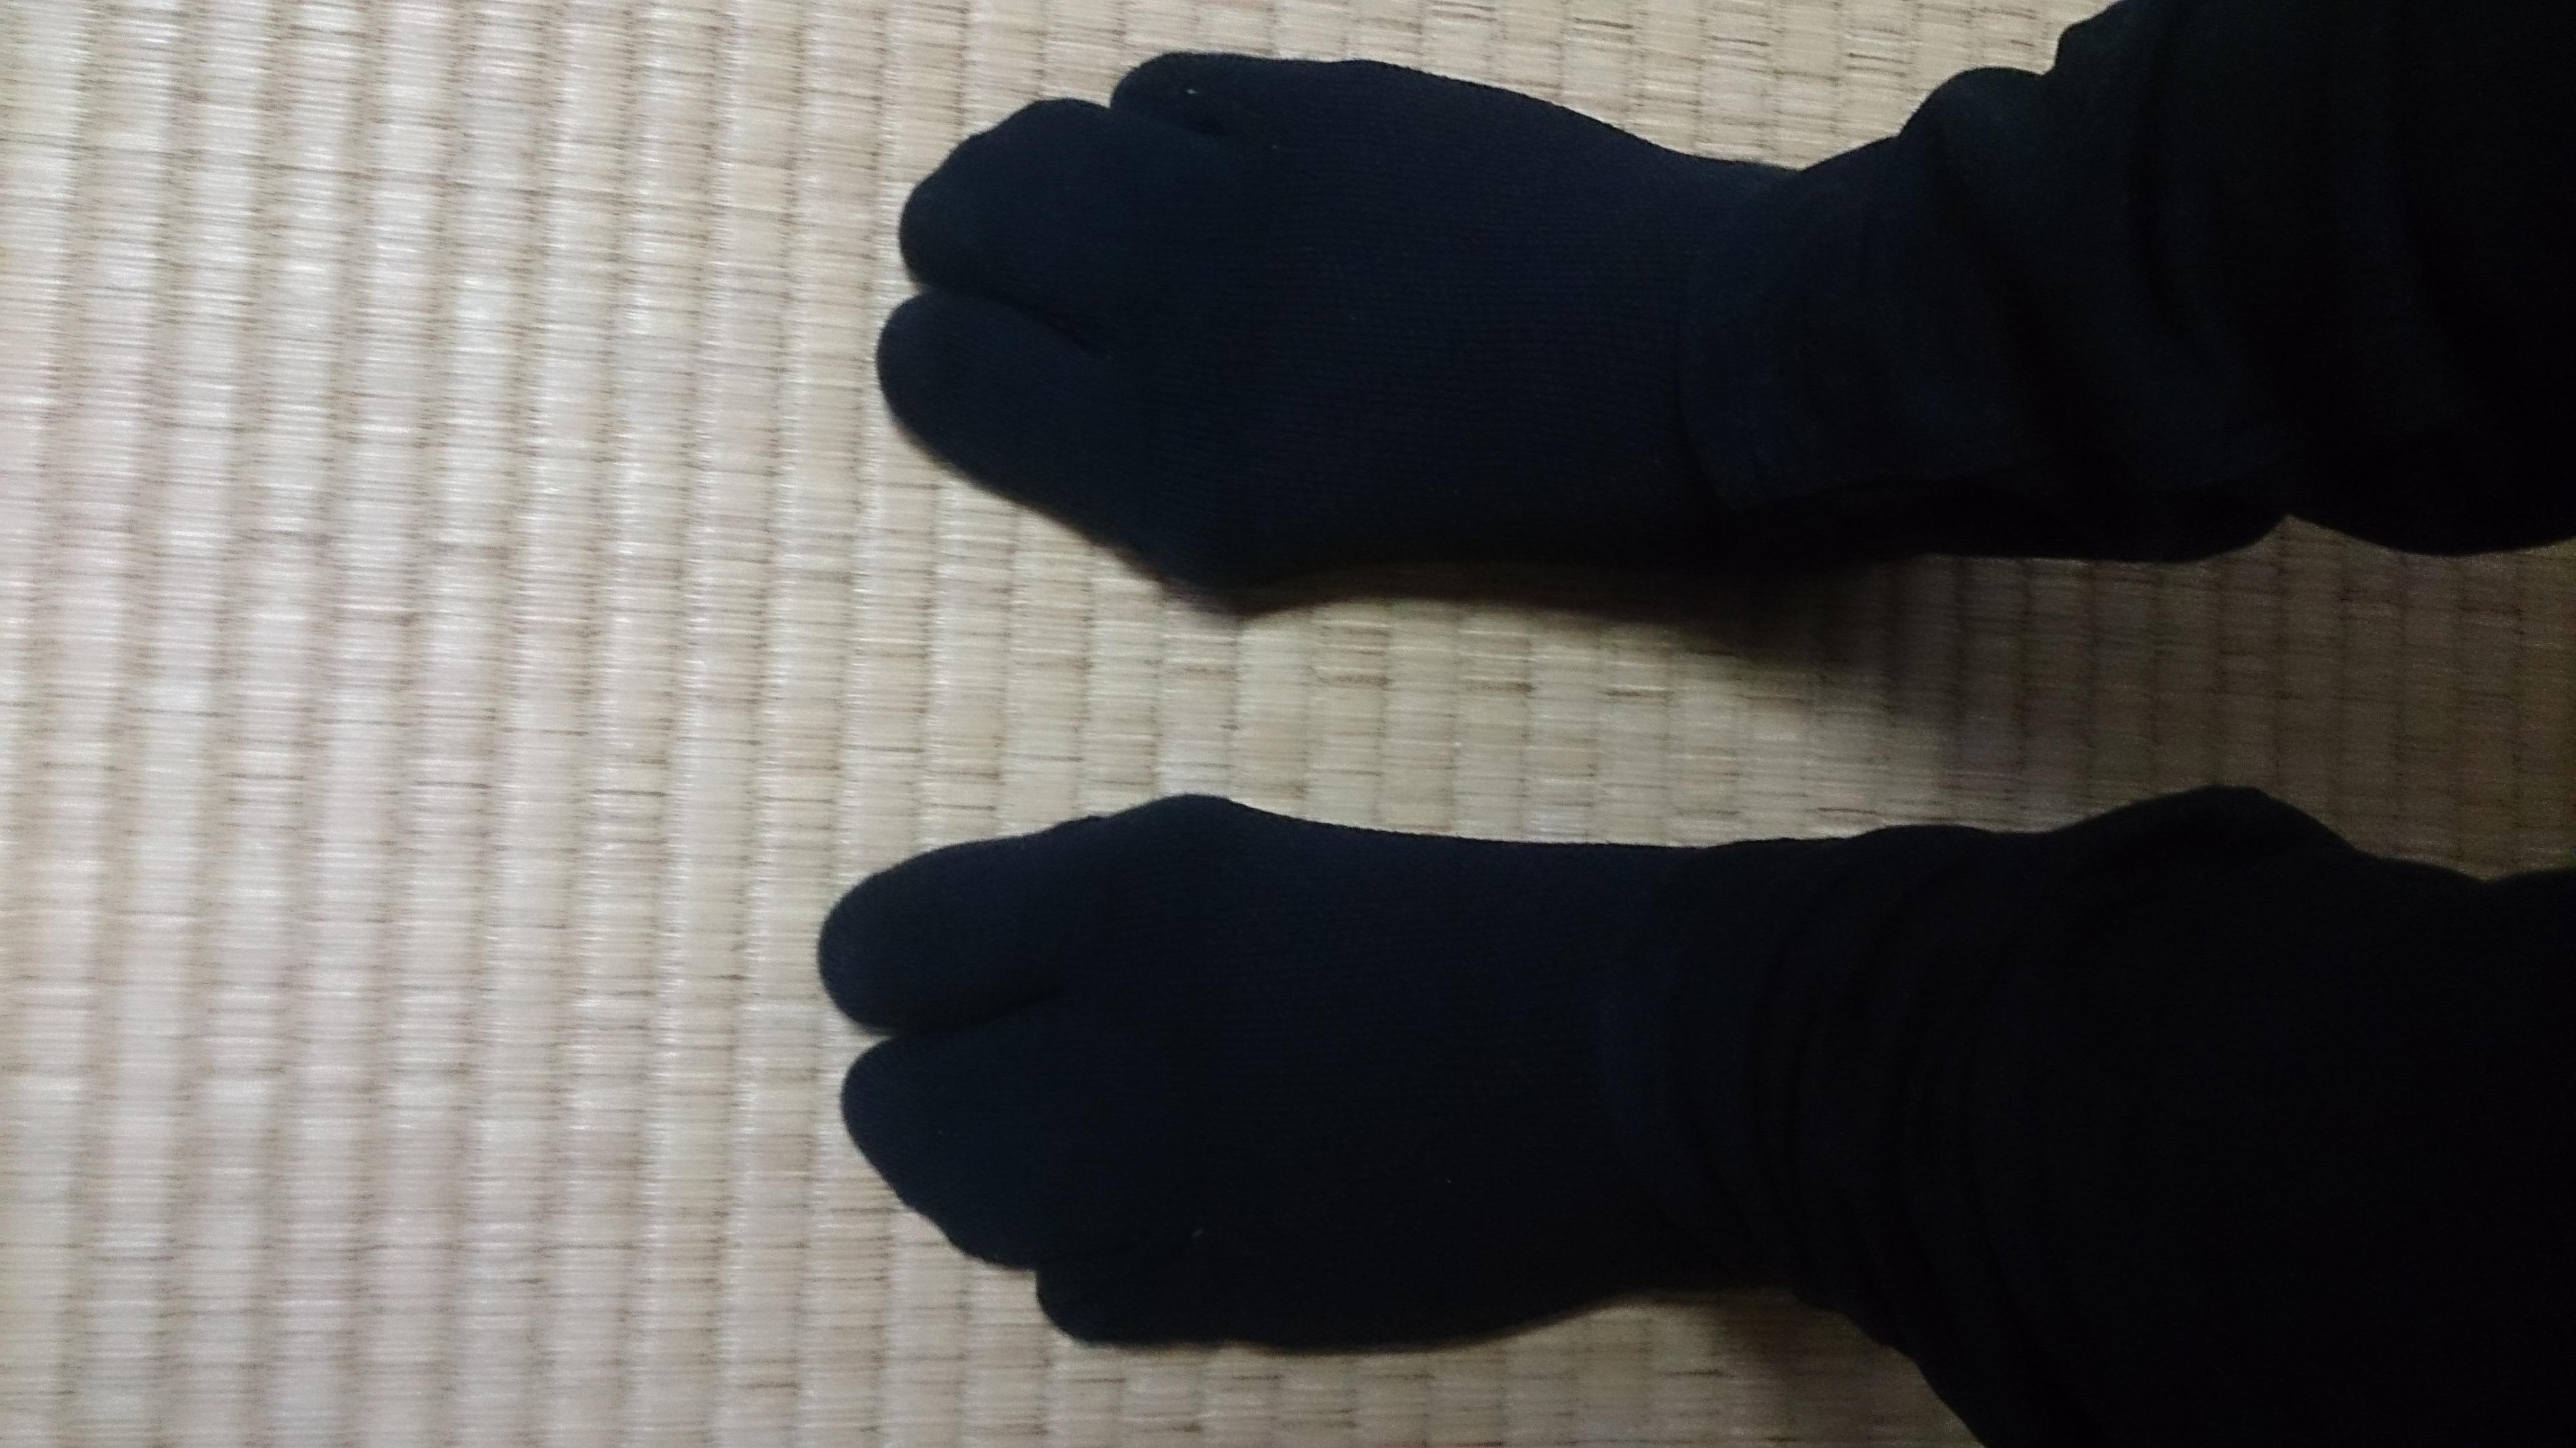 笠原巌さんが開発した3本指テーピング靴下を購入。外反母趾で悩んでいる方へ!「実は外反母趾に手術は必要ない」と書かれていて「外反母趾手術を行った患者の95%は再発」している。